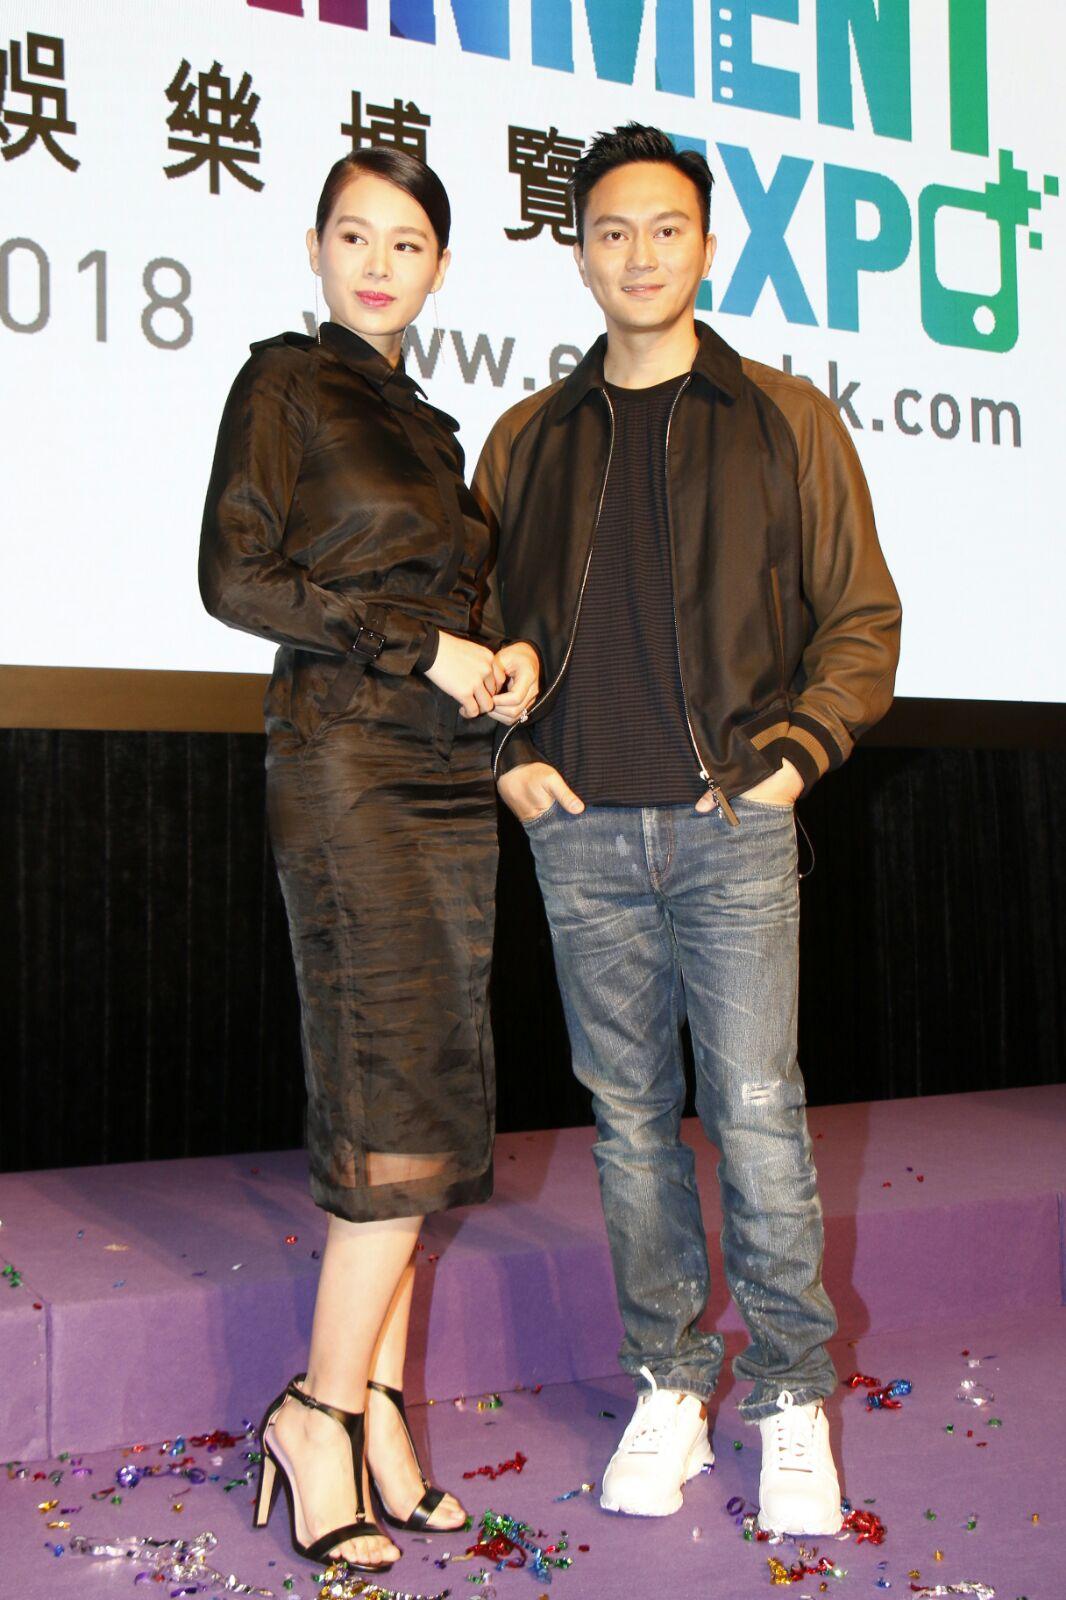 胡杏兒在新片中演張智霖女友。